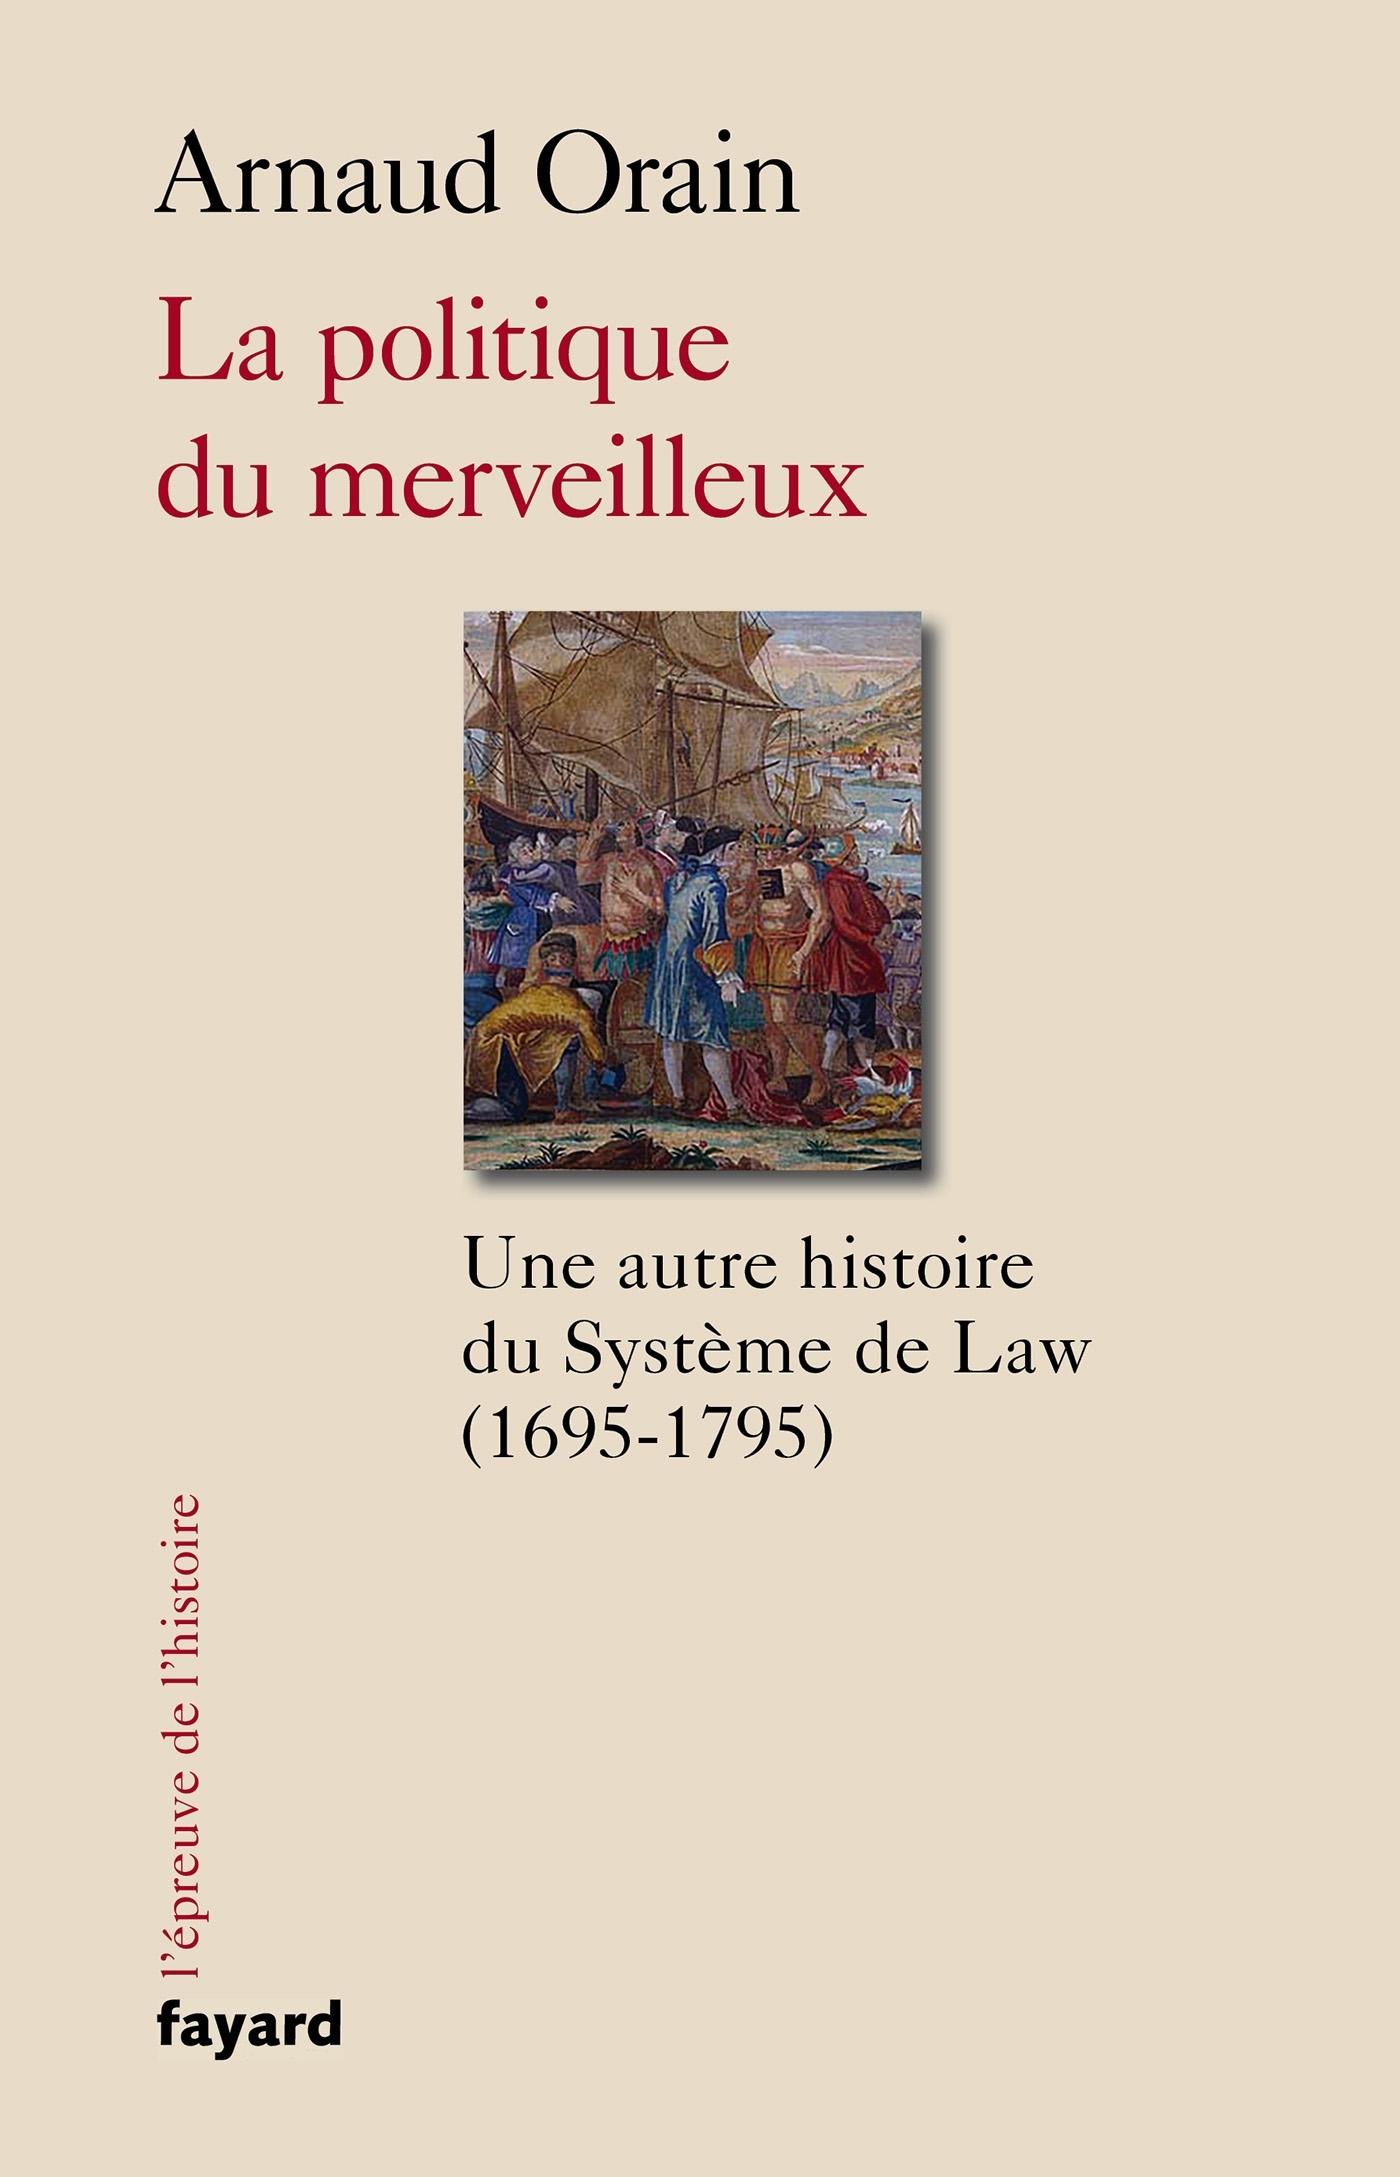 LA POLITIQUE DU MERVEILLEUX - UNE AUTRE HISTOIRE DU SYSTEME DE LAW (1695-1795)